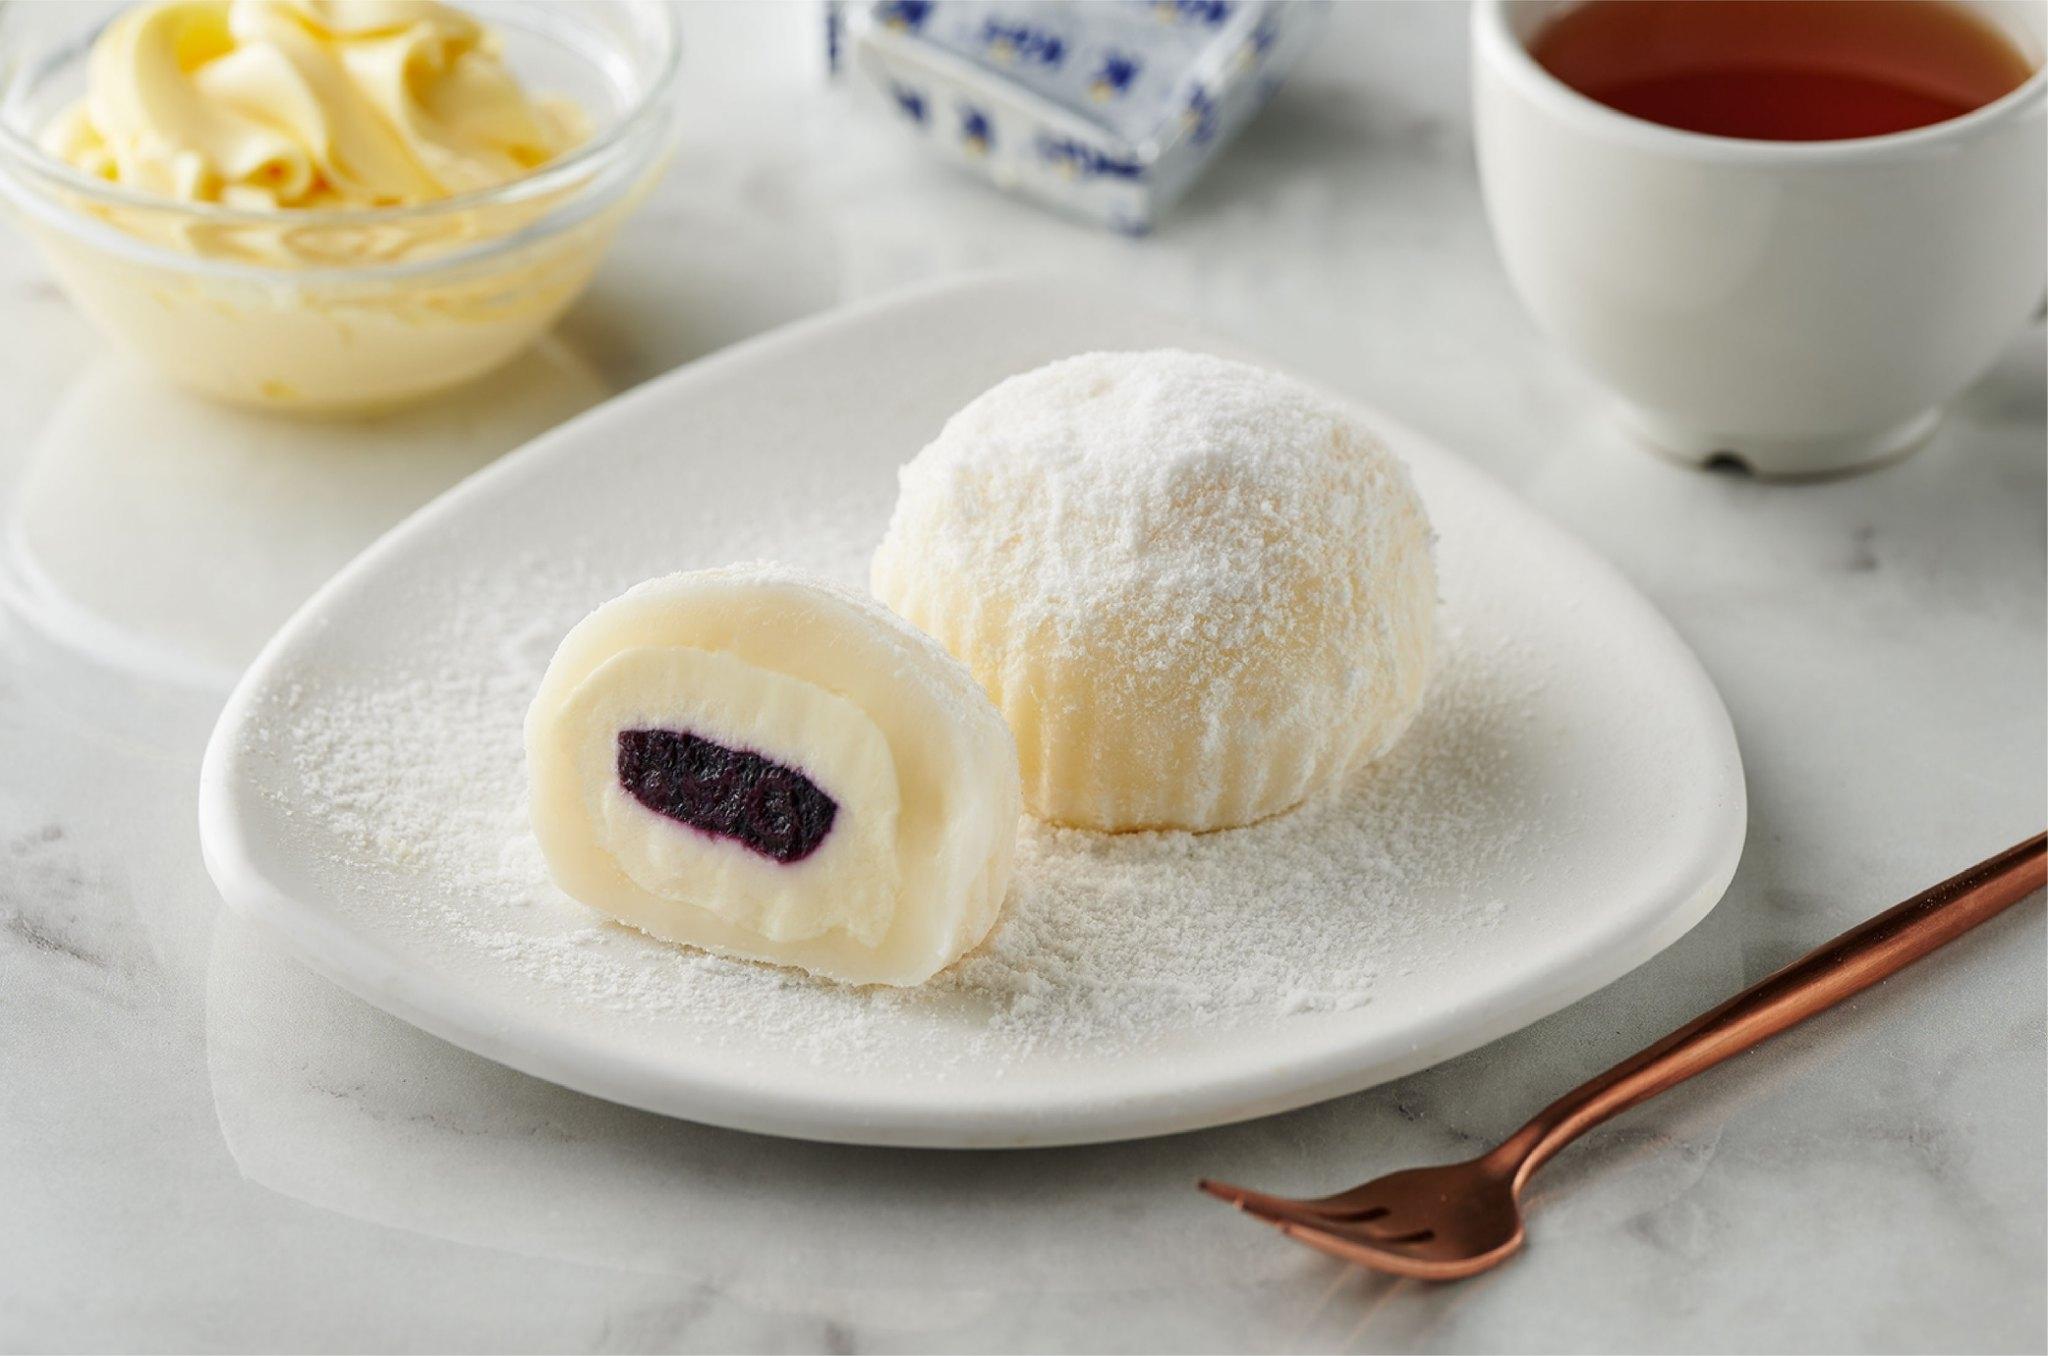 【完整價格品項】全聯 We Sweet ╳ kiri 法式乳酪甜點經典回歸 6 款新品 11/20 陸續開賣 -- 上報 / 生活